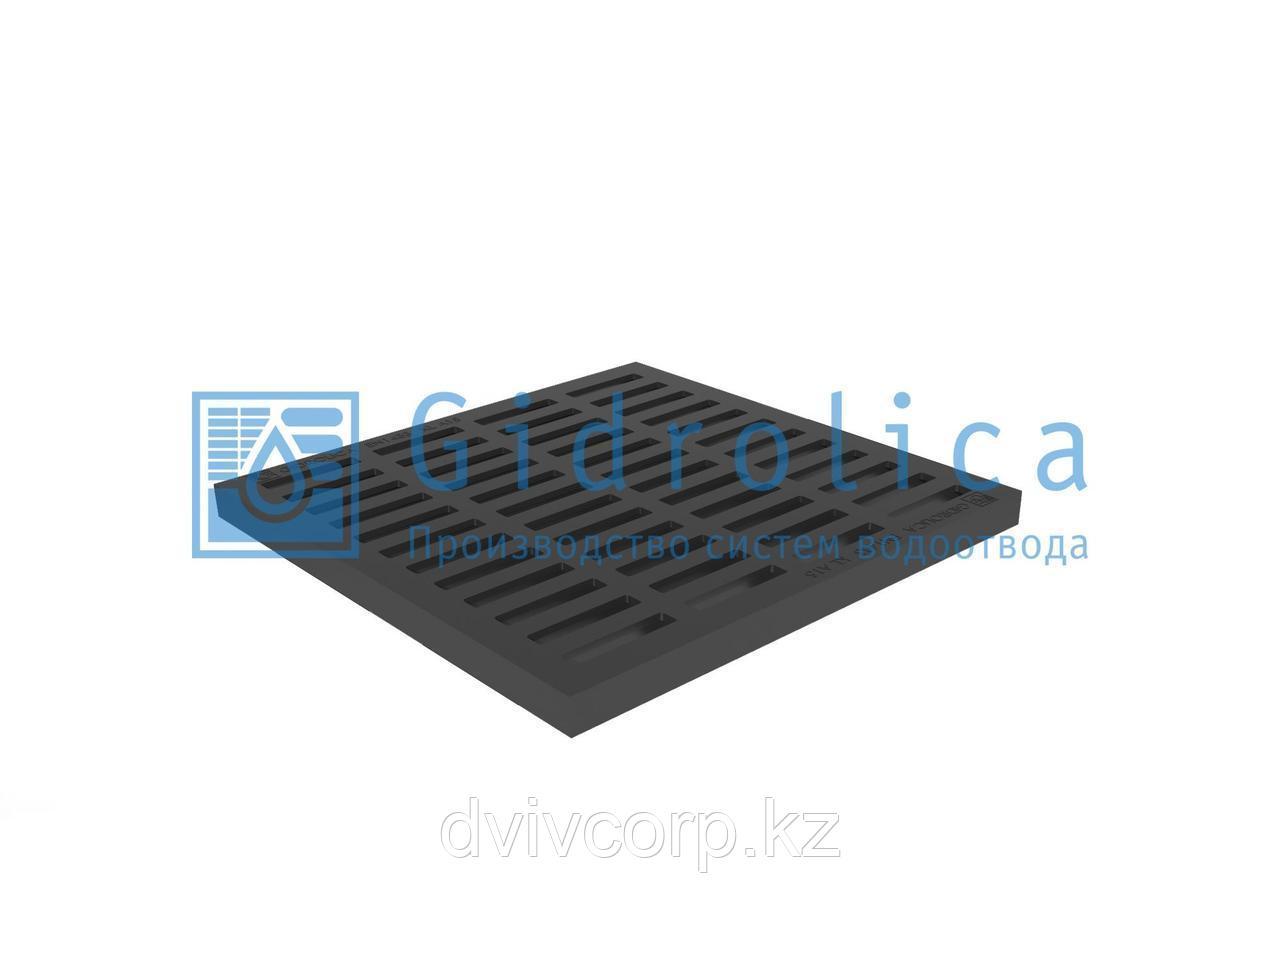 Арт. 207 Решетка водоприемная Gidrolica Point РВ-40.40 - пластиковая, кл. А15